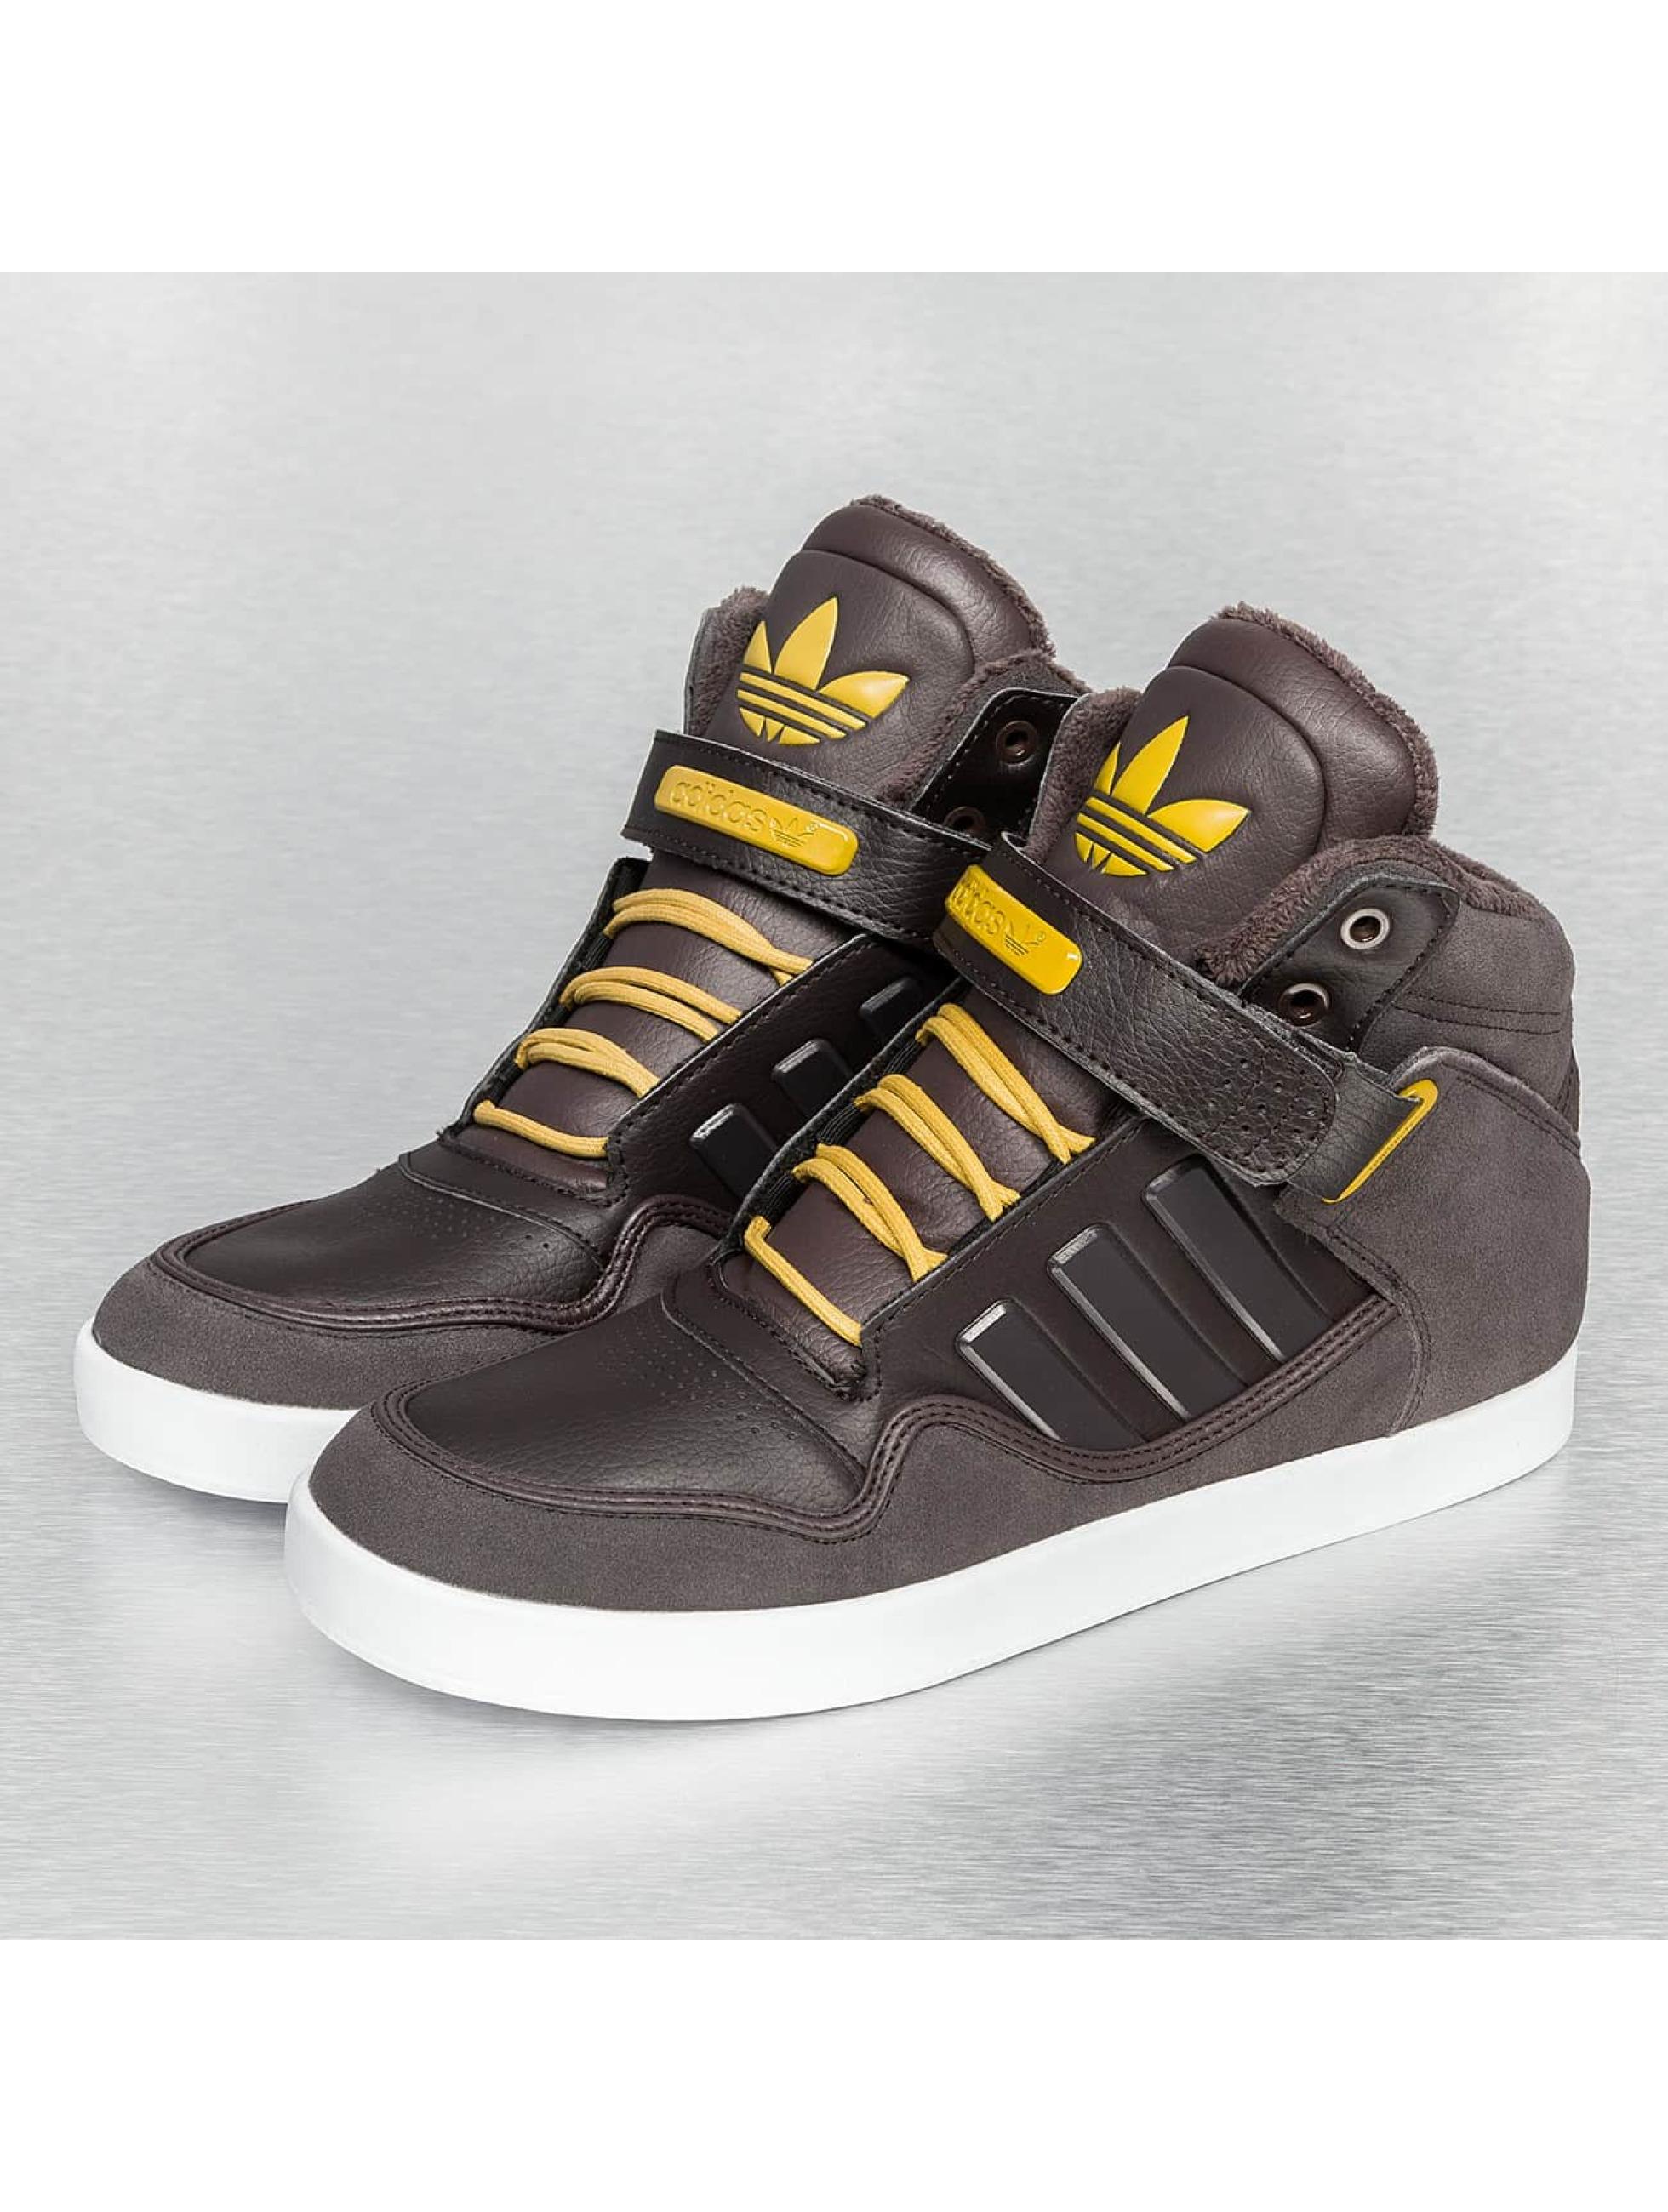 adidas stan smith 2.0 bruin